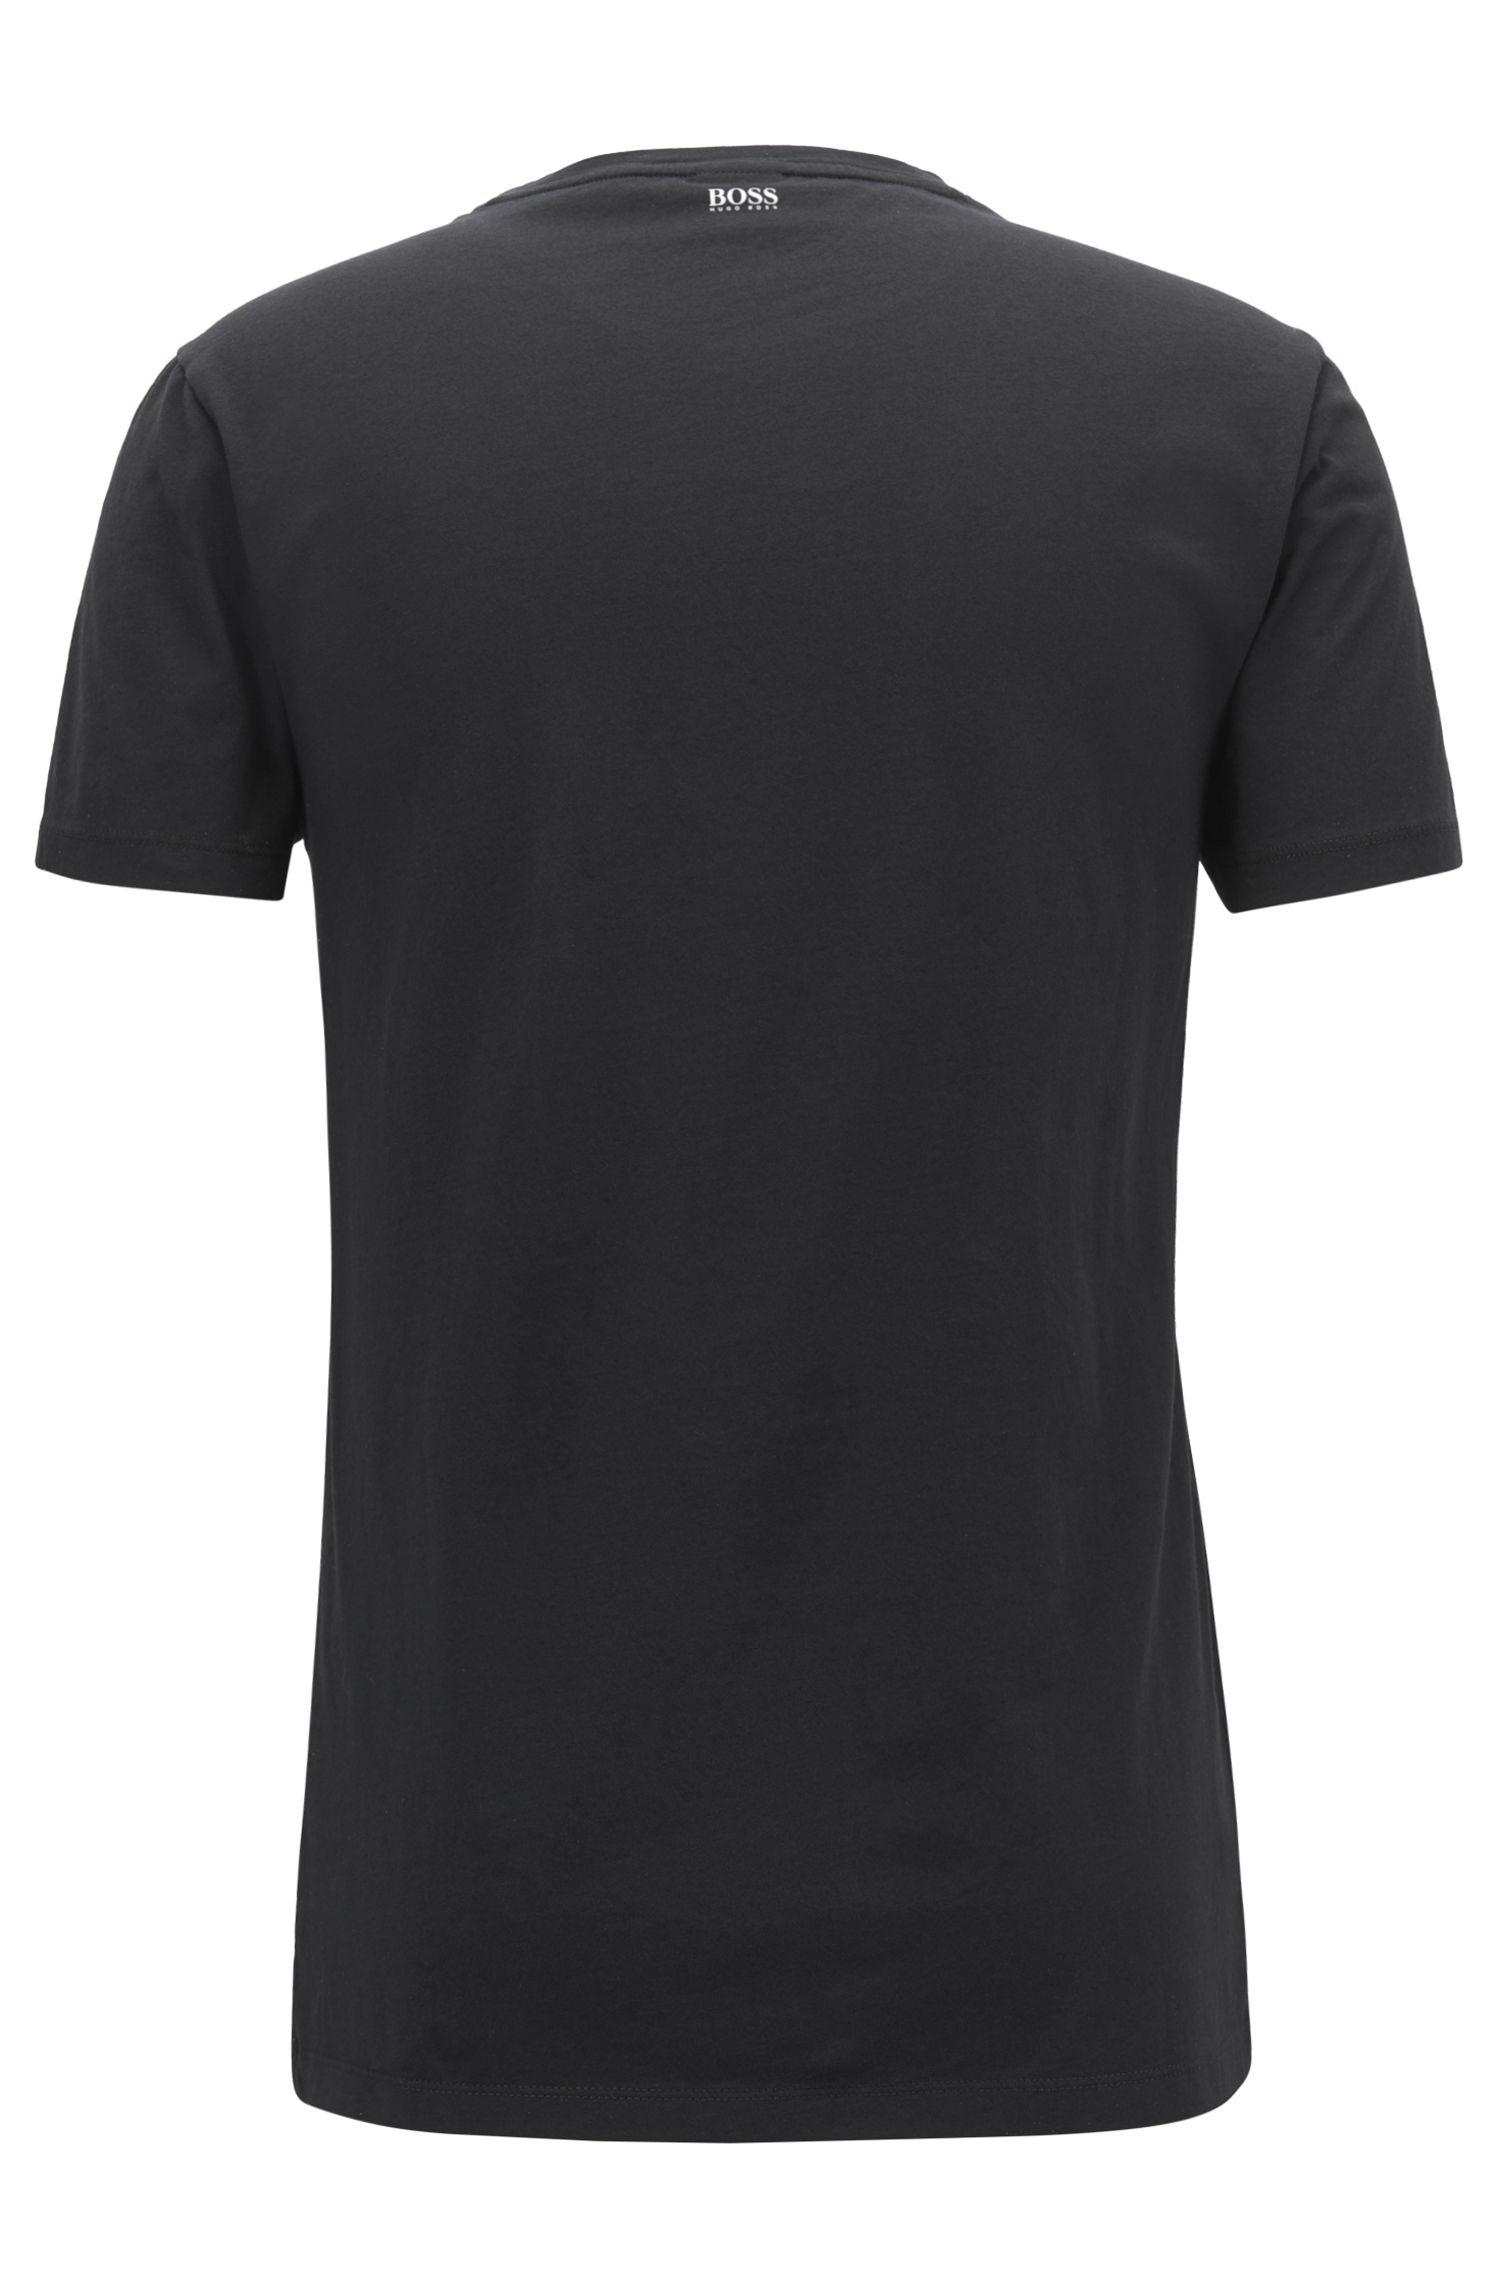 T-shirt en coton lavé, avec imprimé Big Ben, Noir